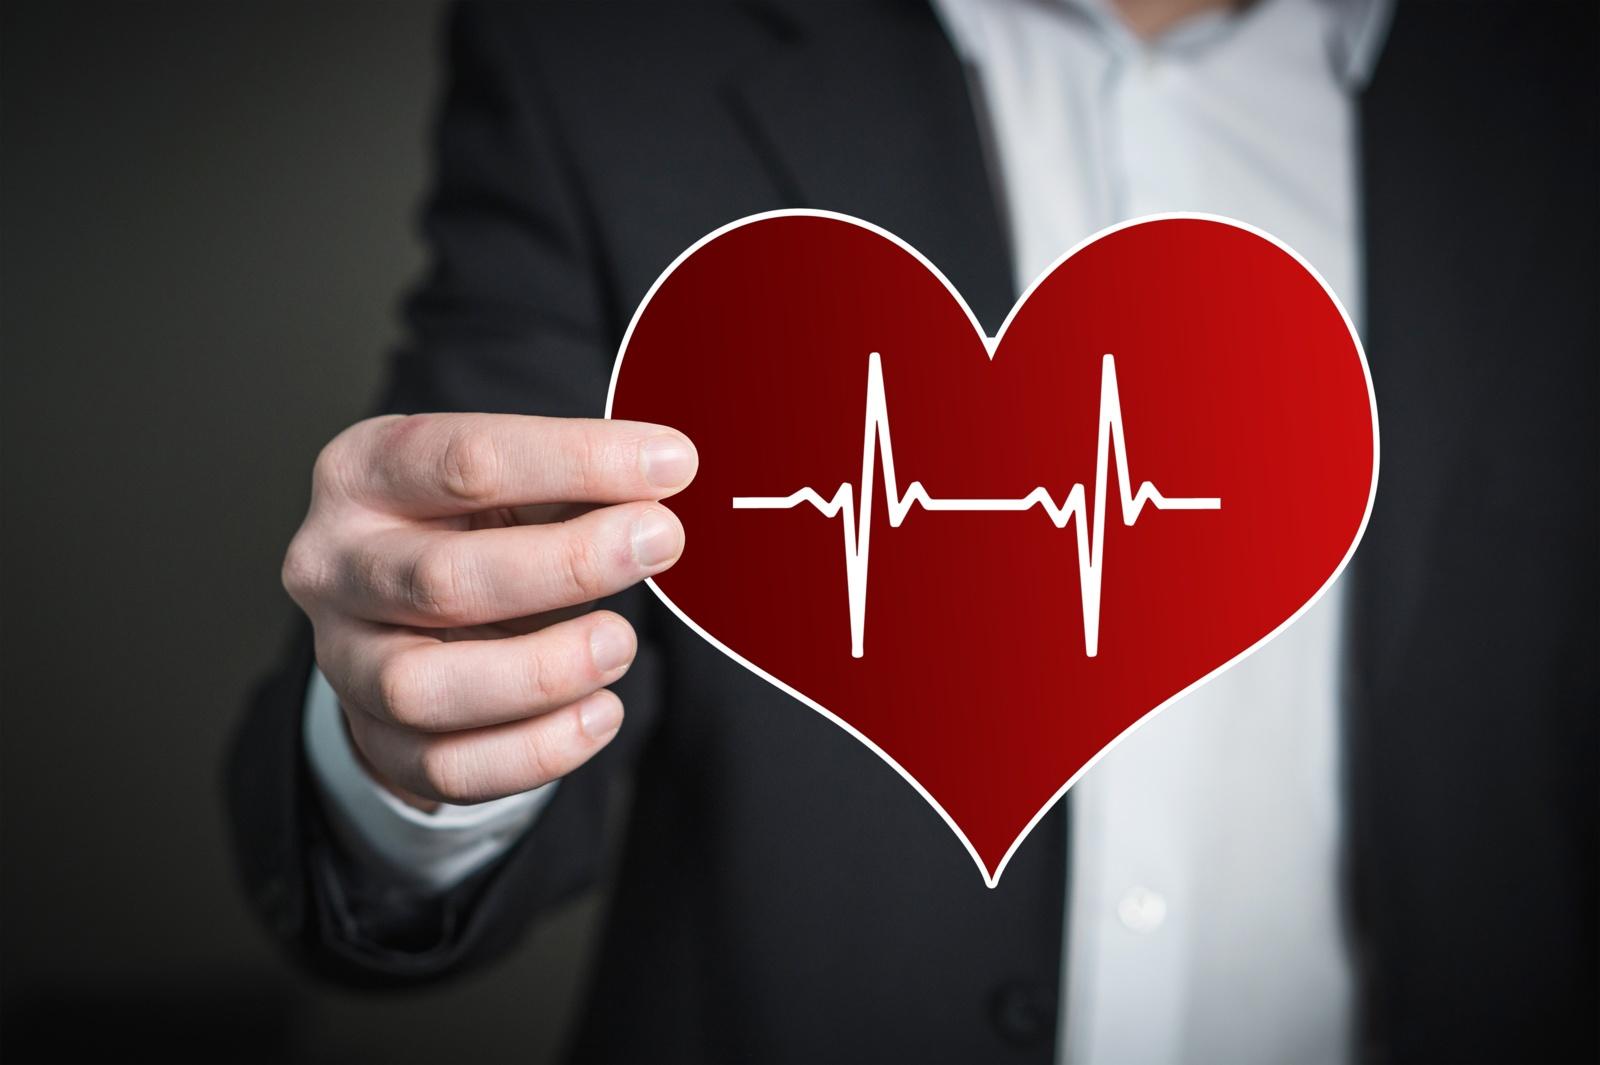 sergate hipertenzija, sportuokite